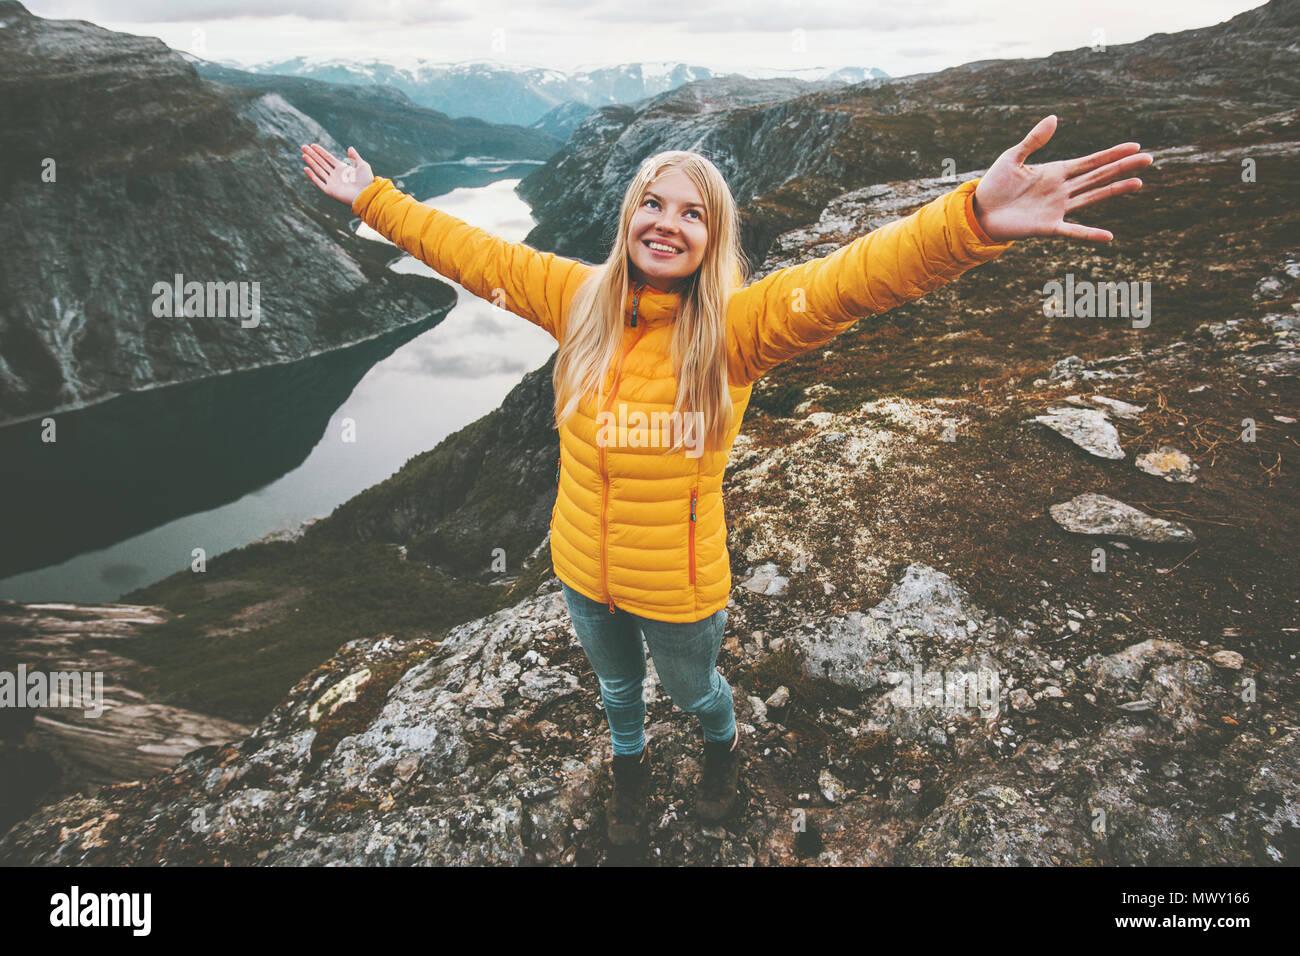 Niña feliz éxito manos levantadas de pie sobre la cumbre de montaña trekking aventura escapada de fin de semana de vacaciones en el estilo de vida del paisaje del lago de antena en noruego Foto de stock